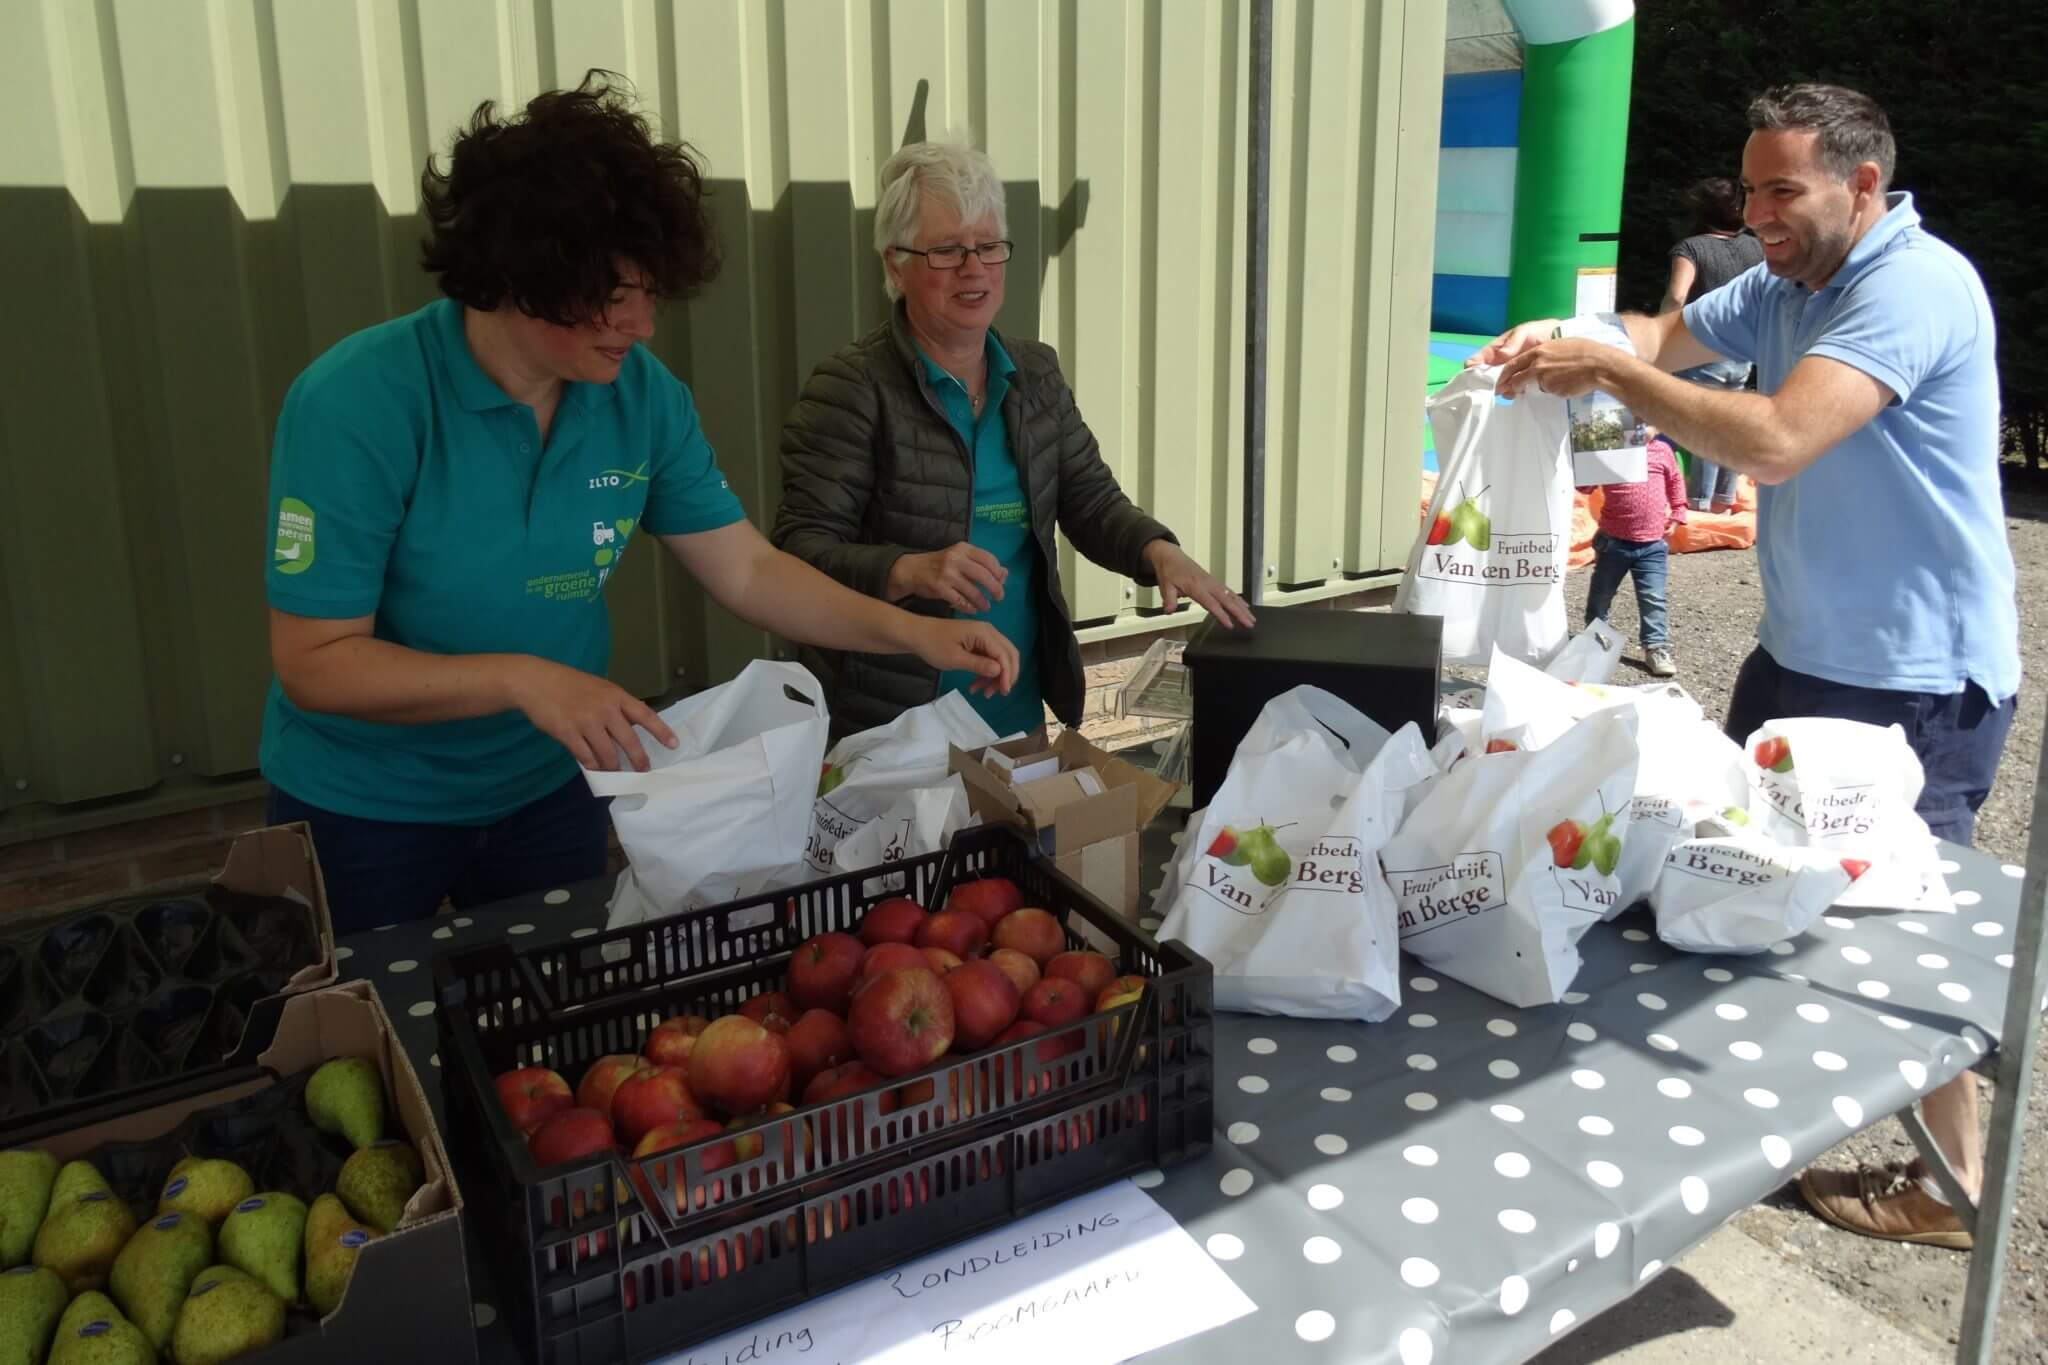 Fruitbedrijf Van den Berge_Buurten bij de Boer_uitdelen fruittasje2